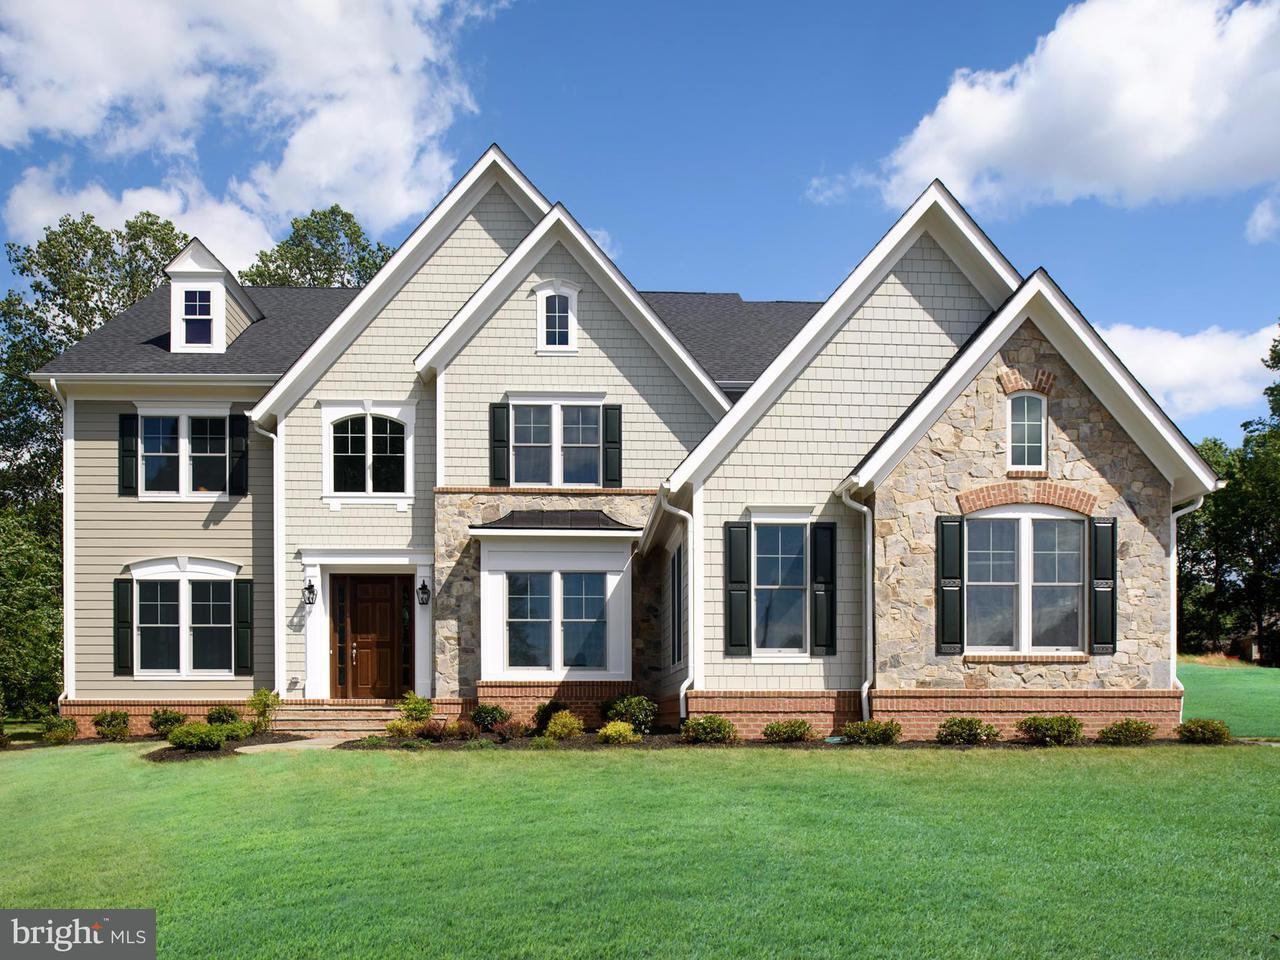 단독 가정 주택 용 매매 에 11005 TRADEWIND Court 11005 TRADEWIND Court Oakton, 버지니아 22124 미국